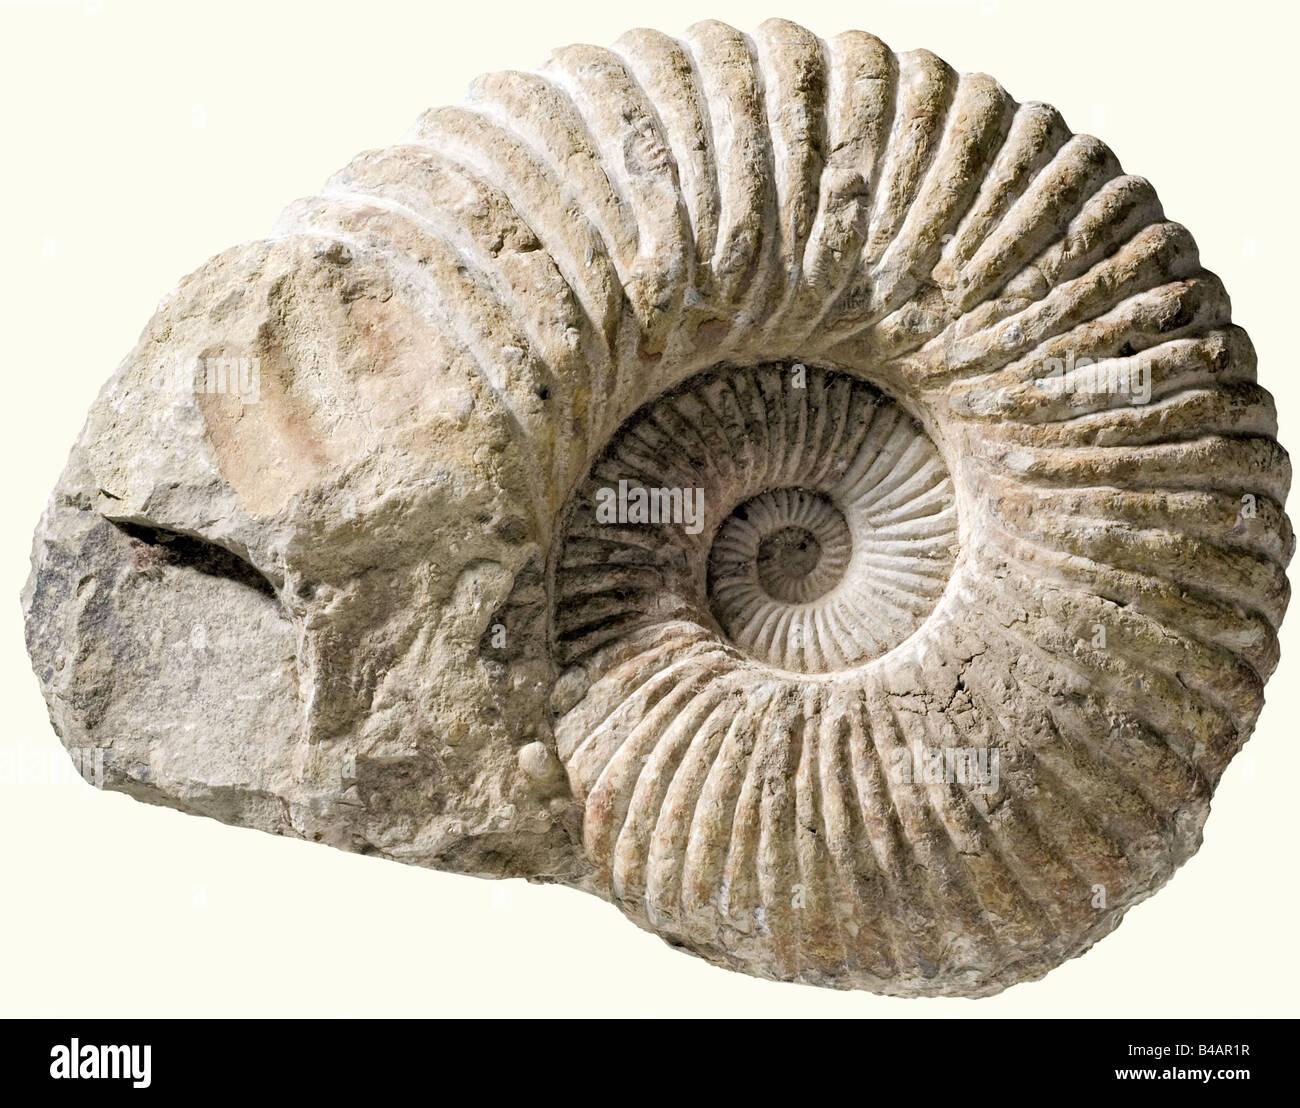 Un gran Ammonita, Cretáceo, edad de alrededor de 120 millones de años de conchas fosilizadas un enorme Imagen De Stock